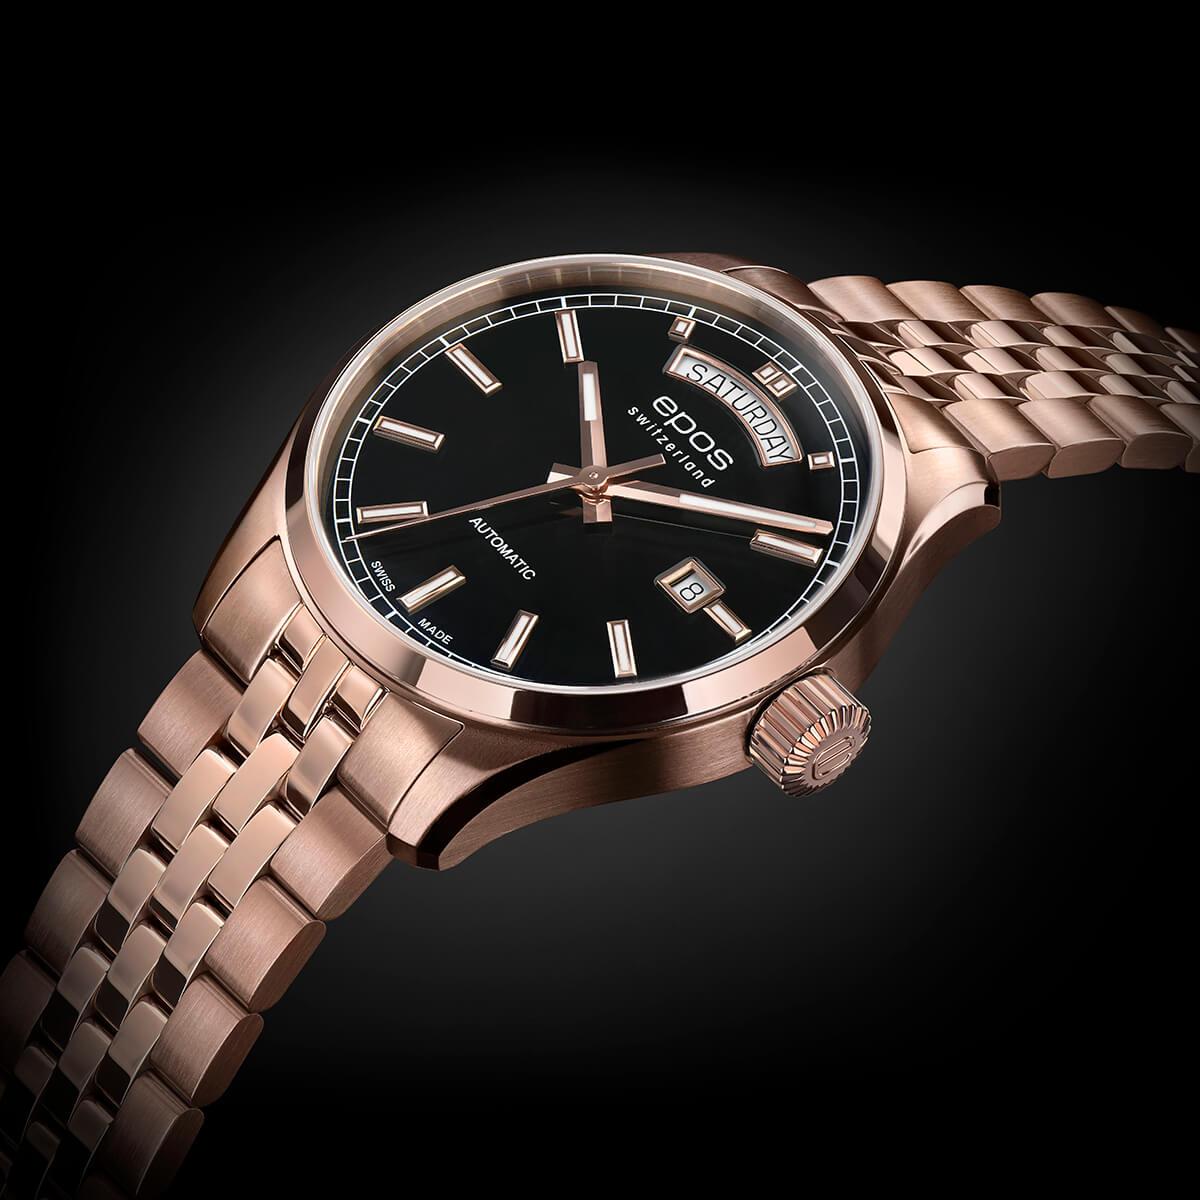 3501.142.24.95.34 zegarek męski Passion